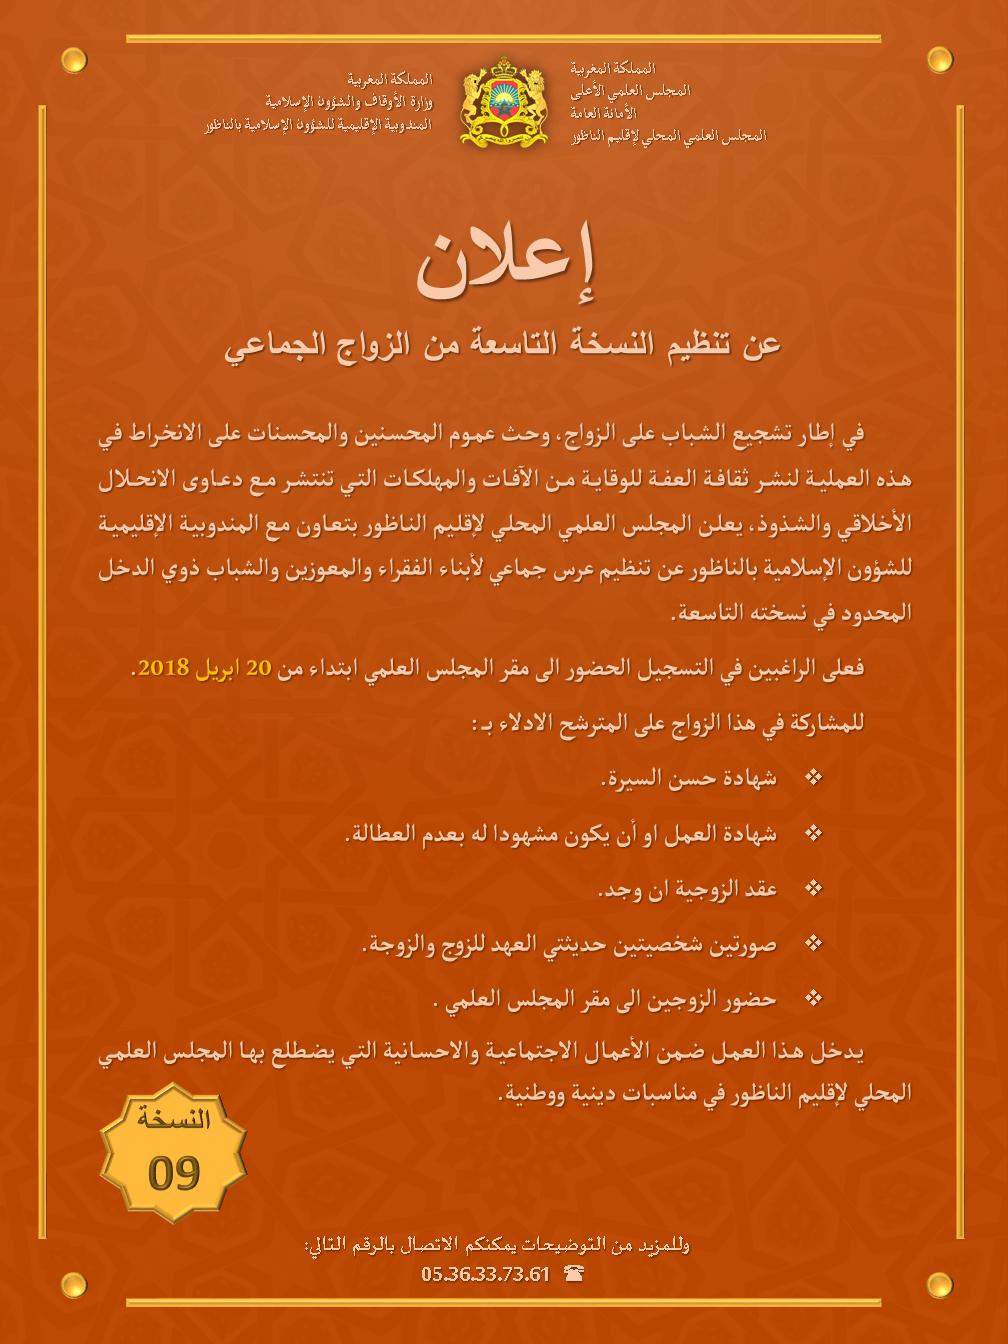 اعلان عن تنظيم النسخة التاسعة من الزواج الجماعي باقليم الناظور